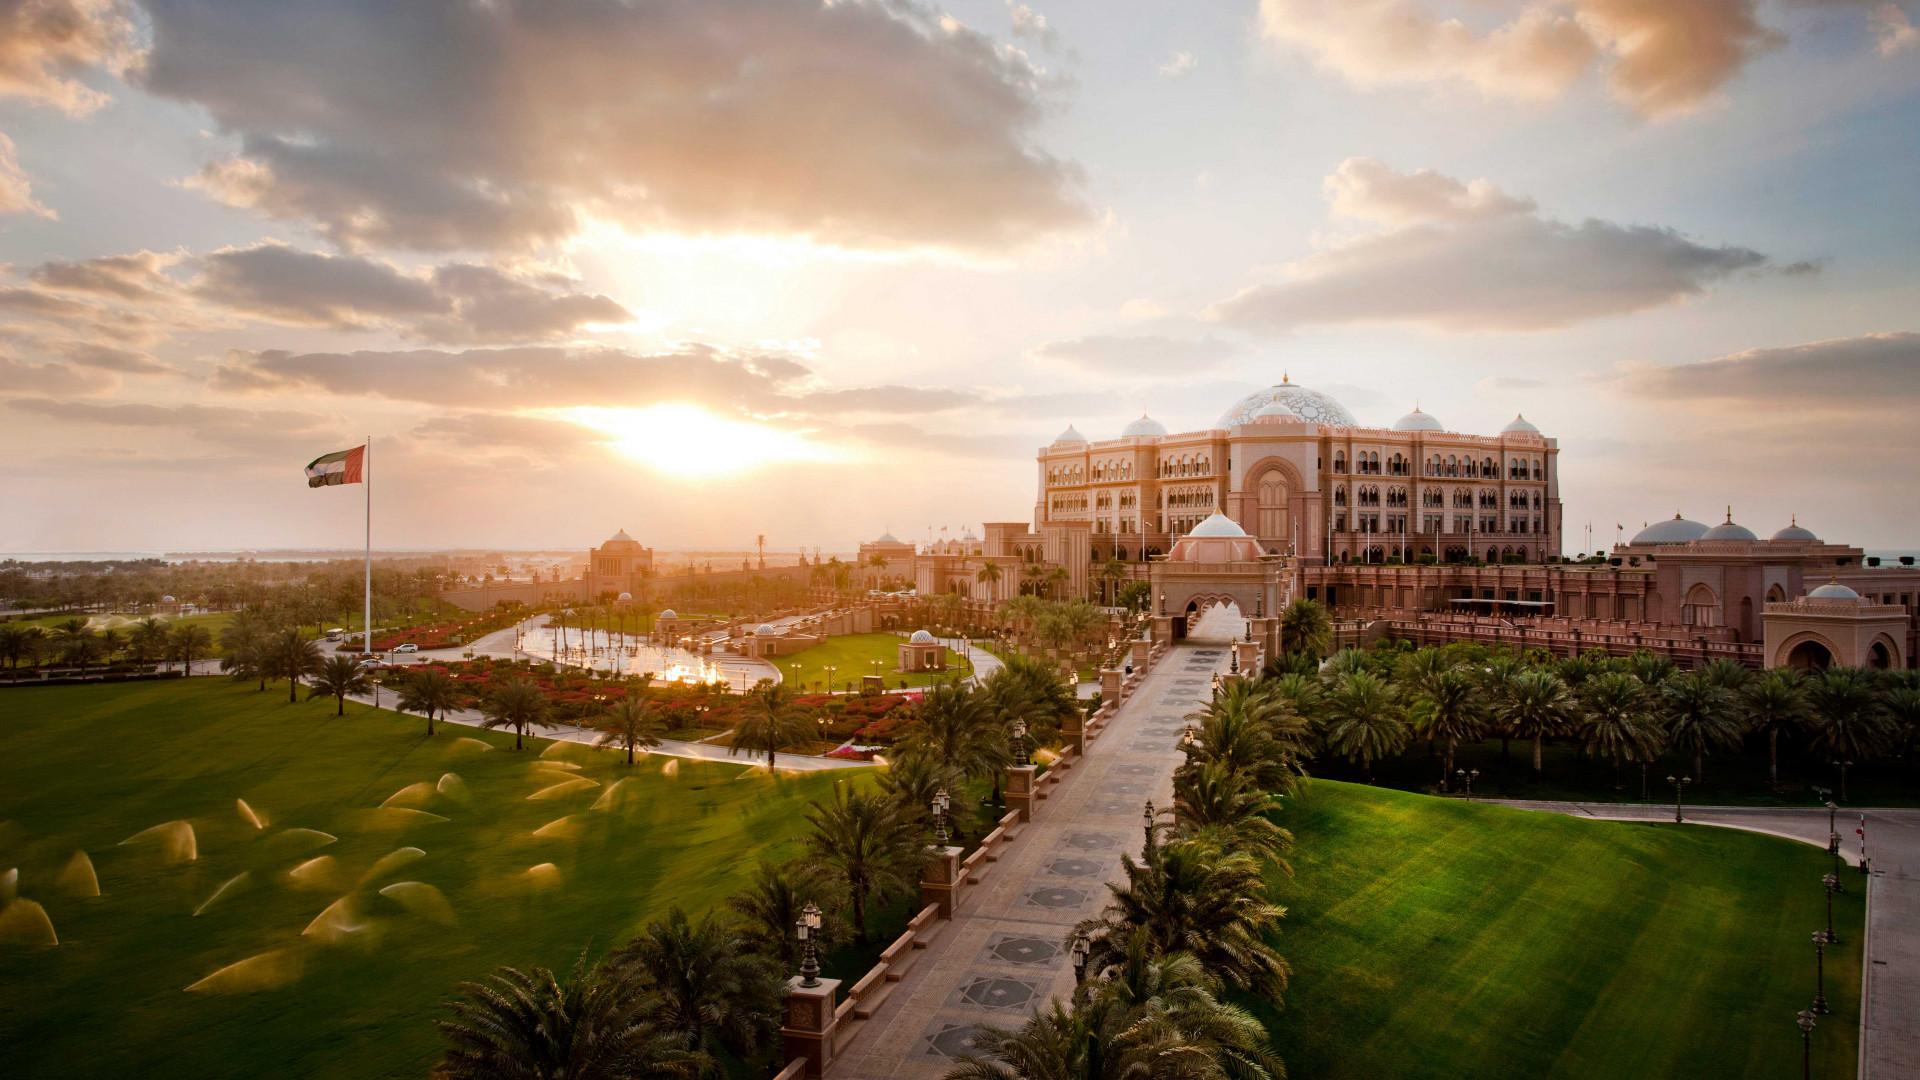 Exterior of Kempinski Emirates Palace in Abu Dhabi, UAE at sunset